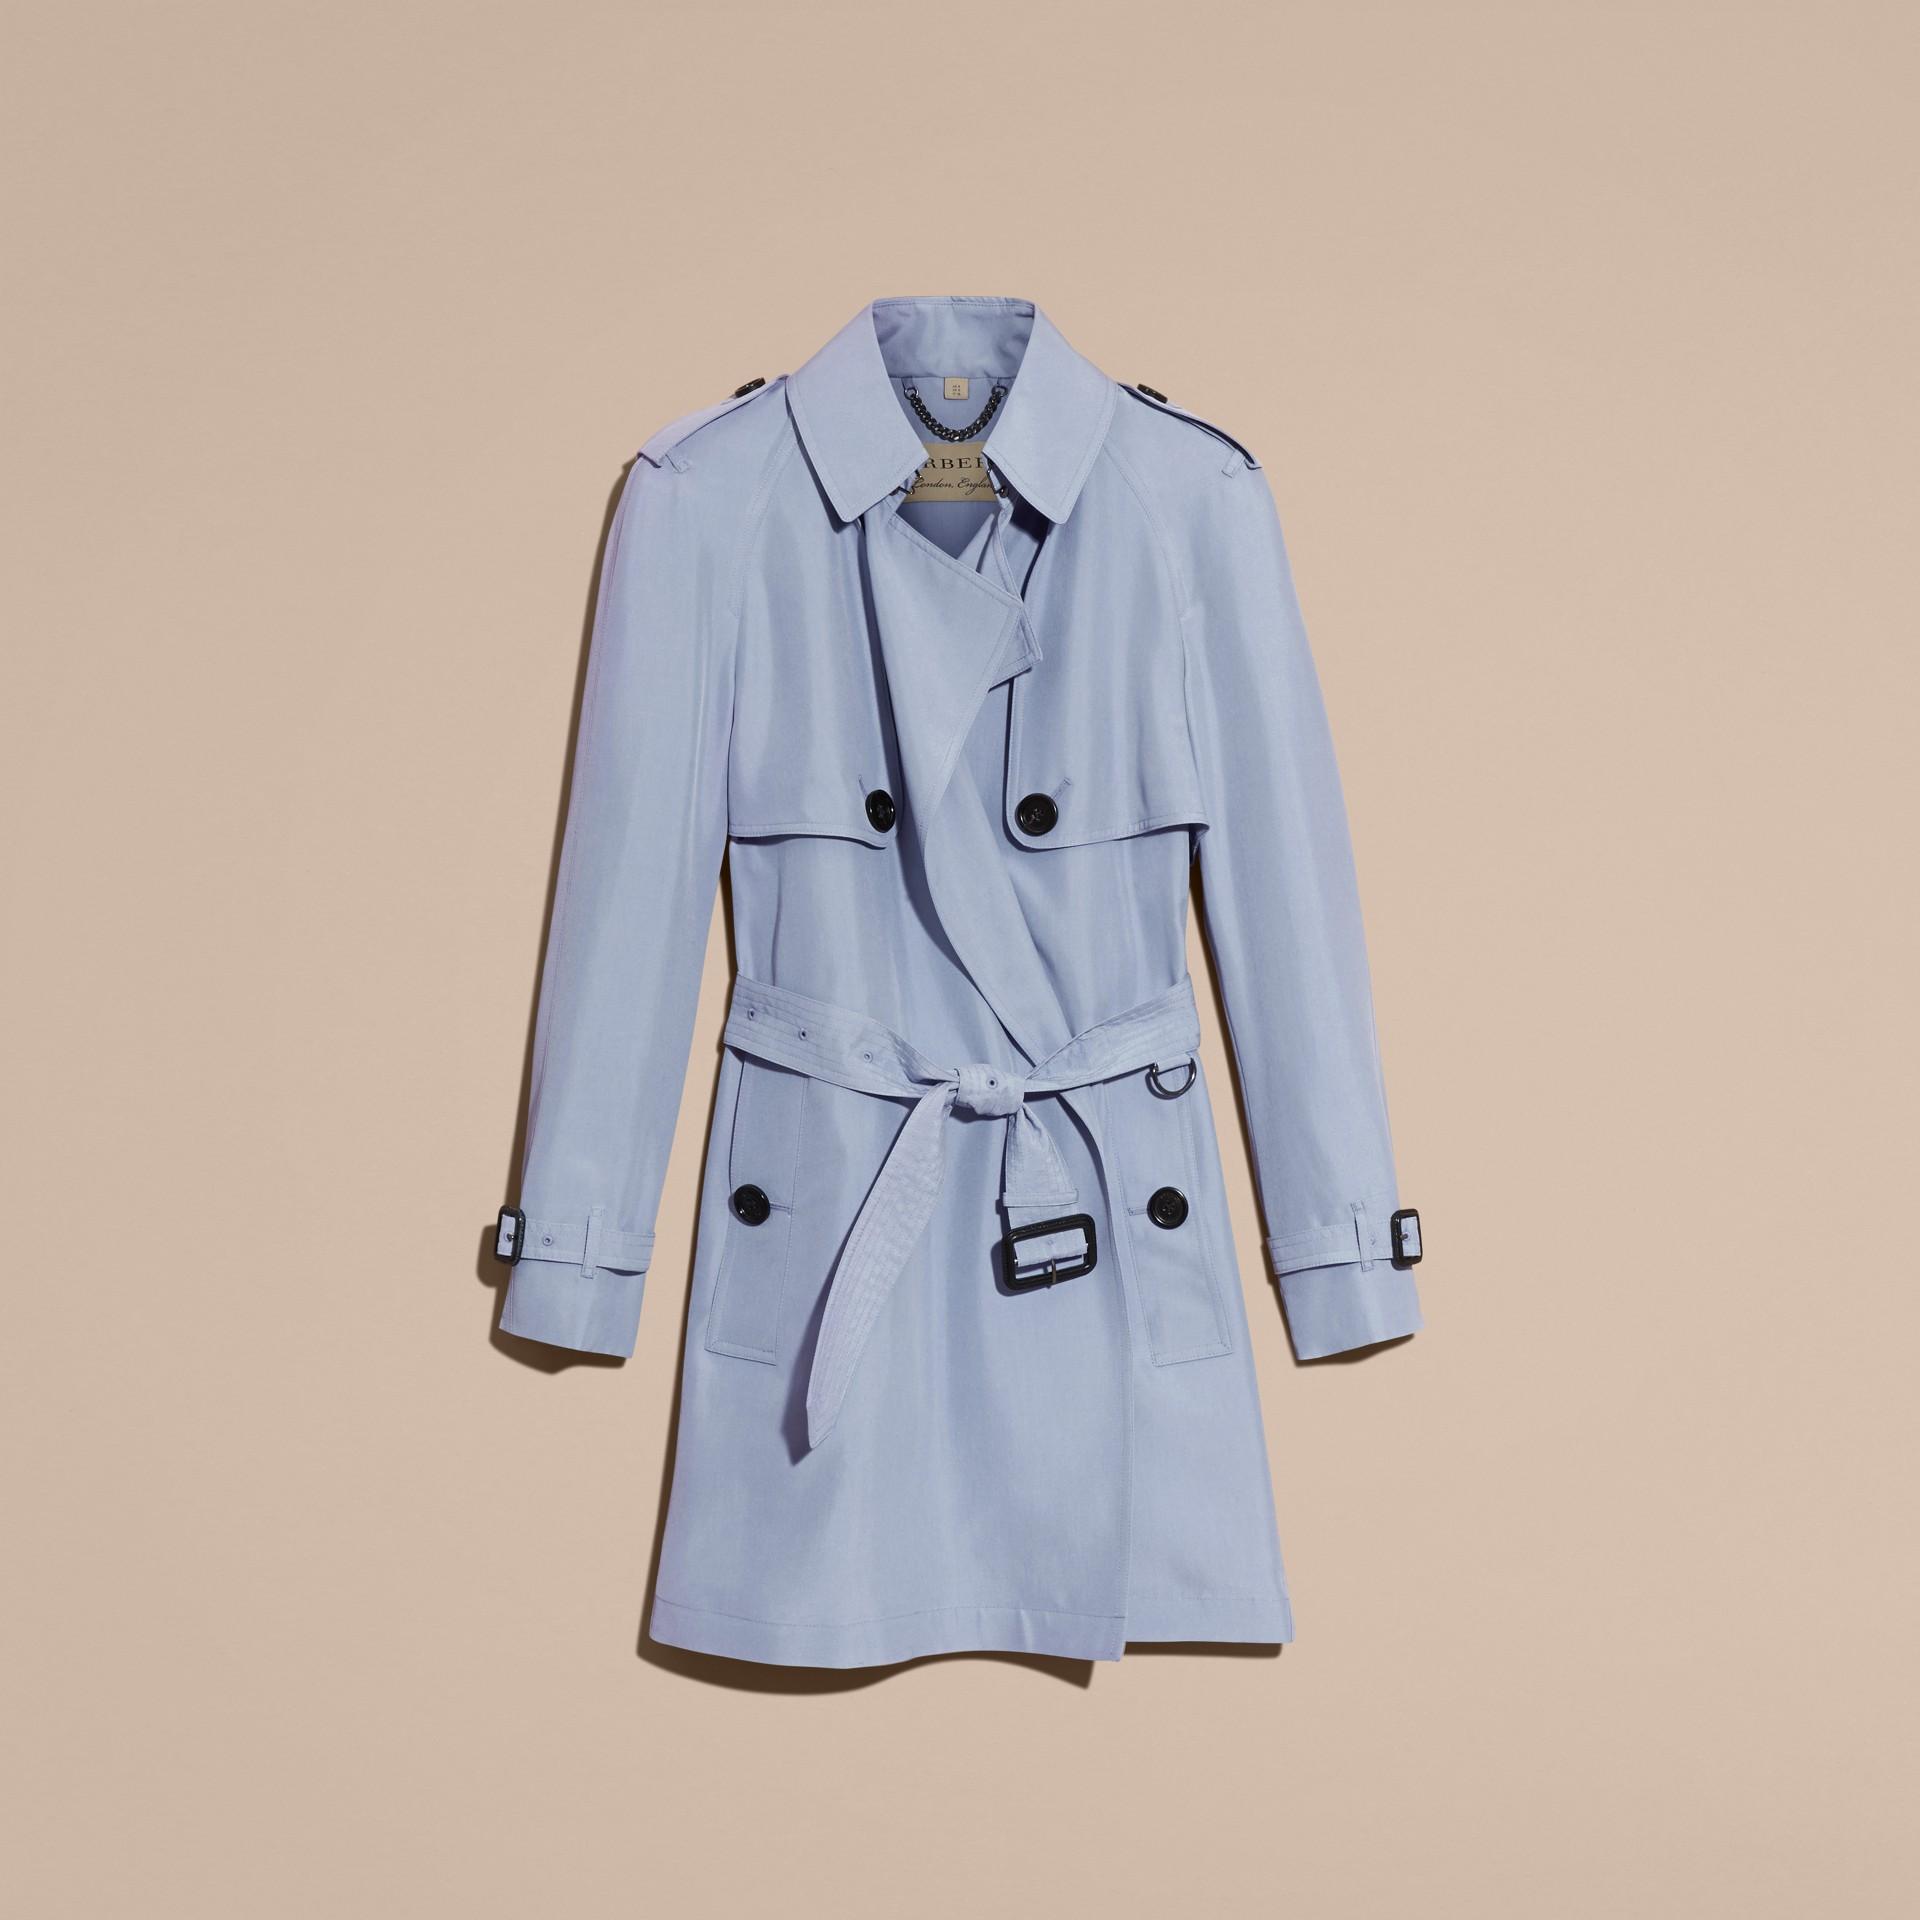 Bleu pâle Trench-coat portefeuille léger en soie flammée - photo de la galerie 4